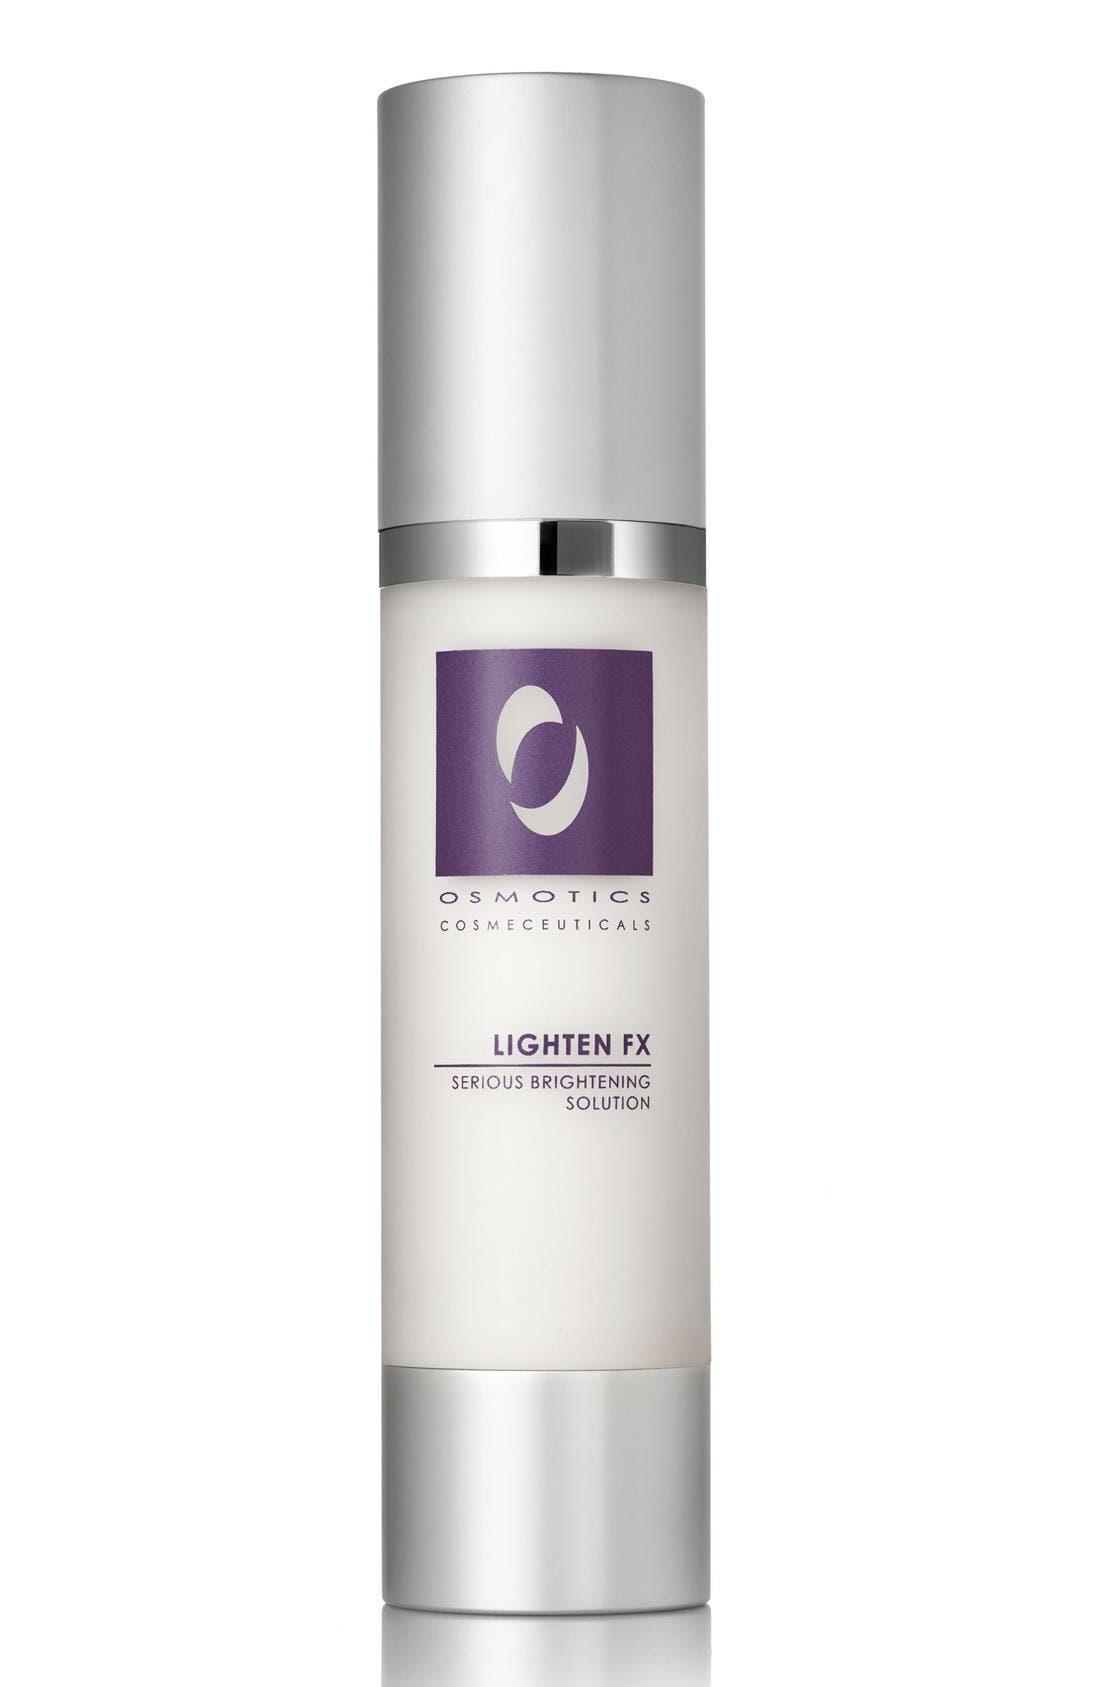 Osmotics Cosmeceuticals Lighten FX Serious Brightening Solution